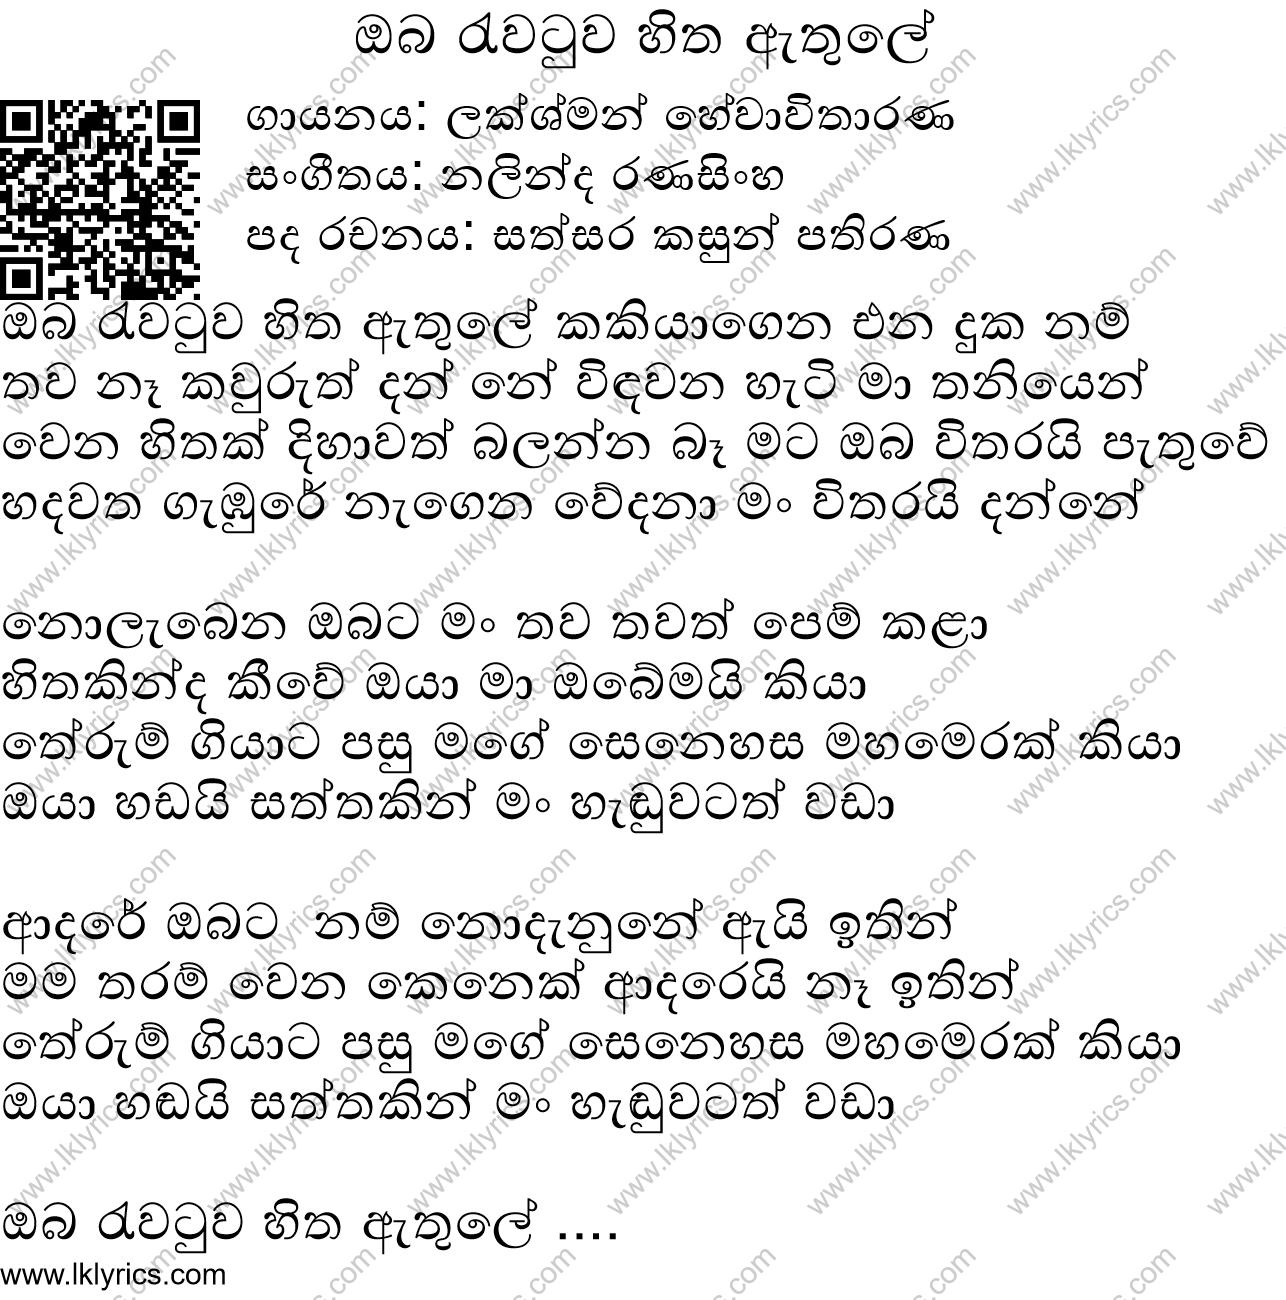 Oba Rawatuwa Hitha Athule Lyrics - LK Lyrics